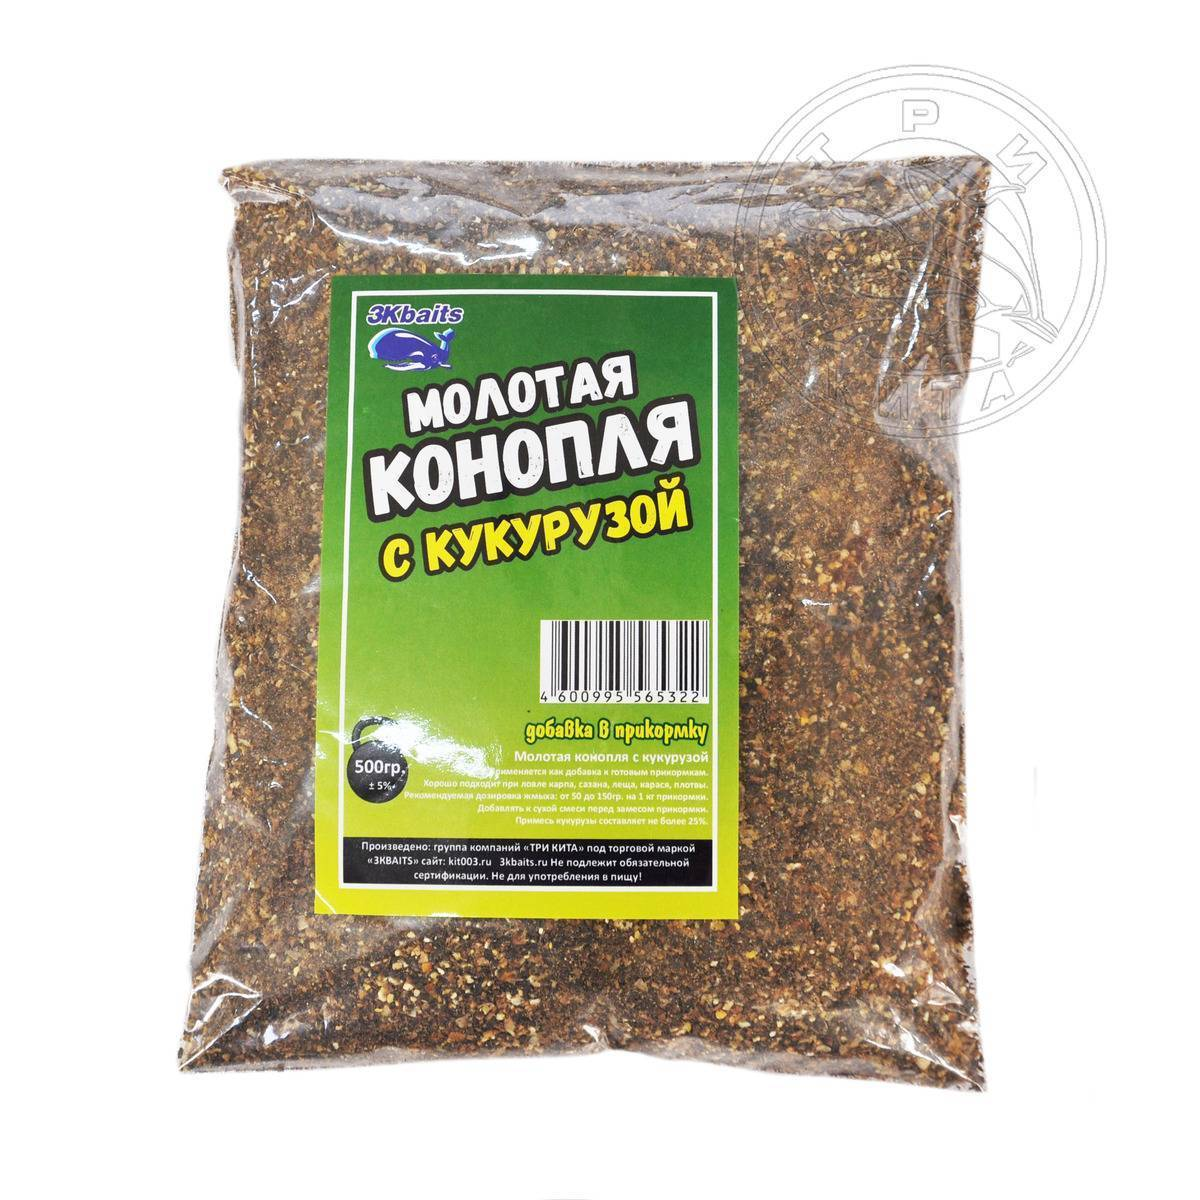 Конопляная каша и другие продукты из конопли